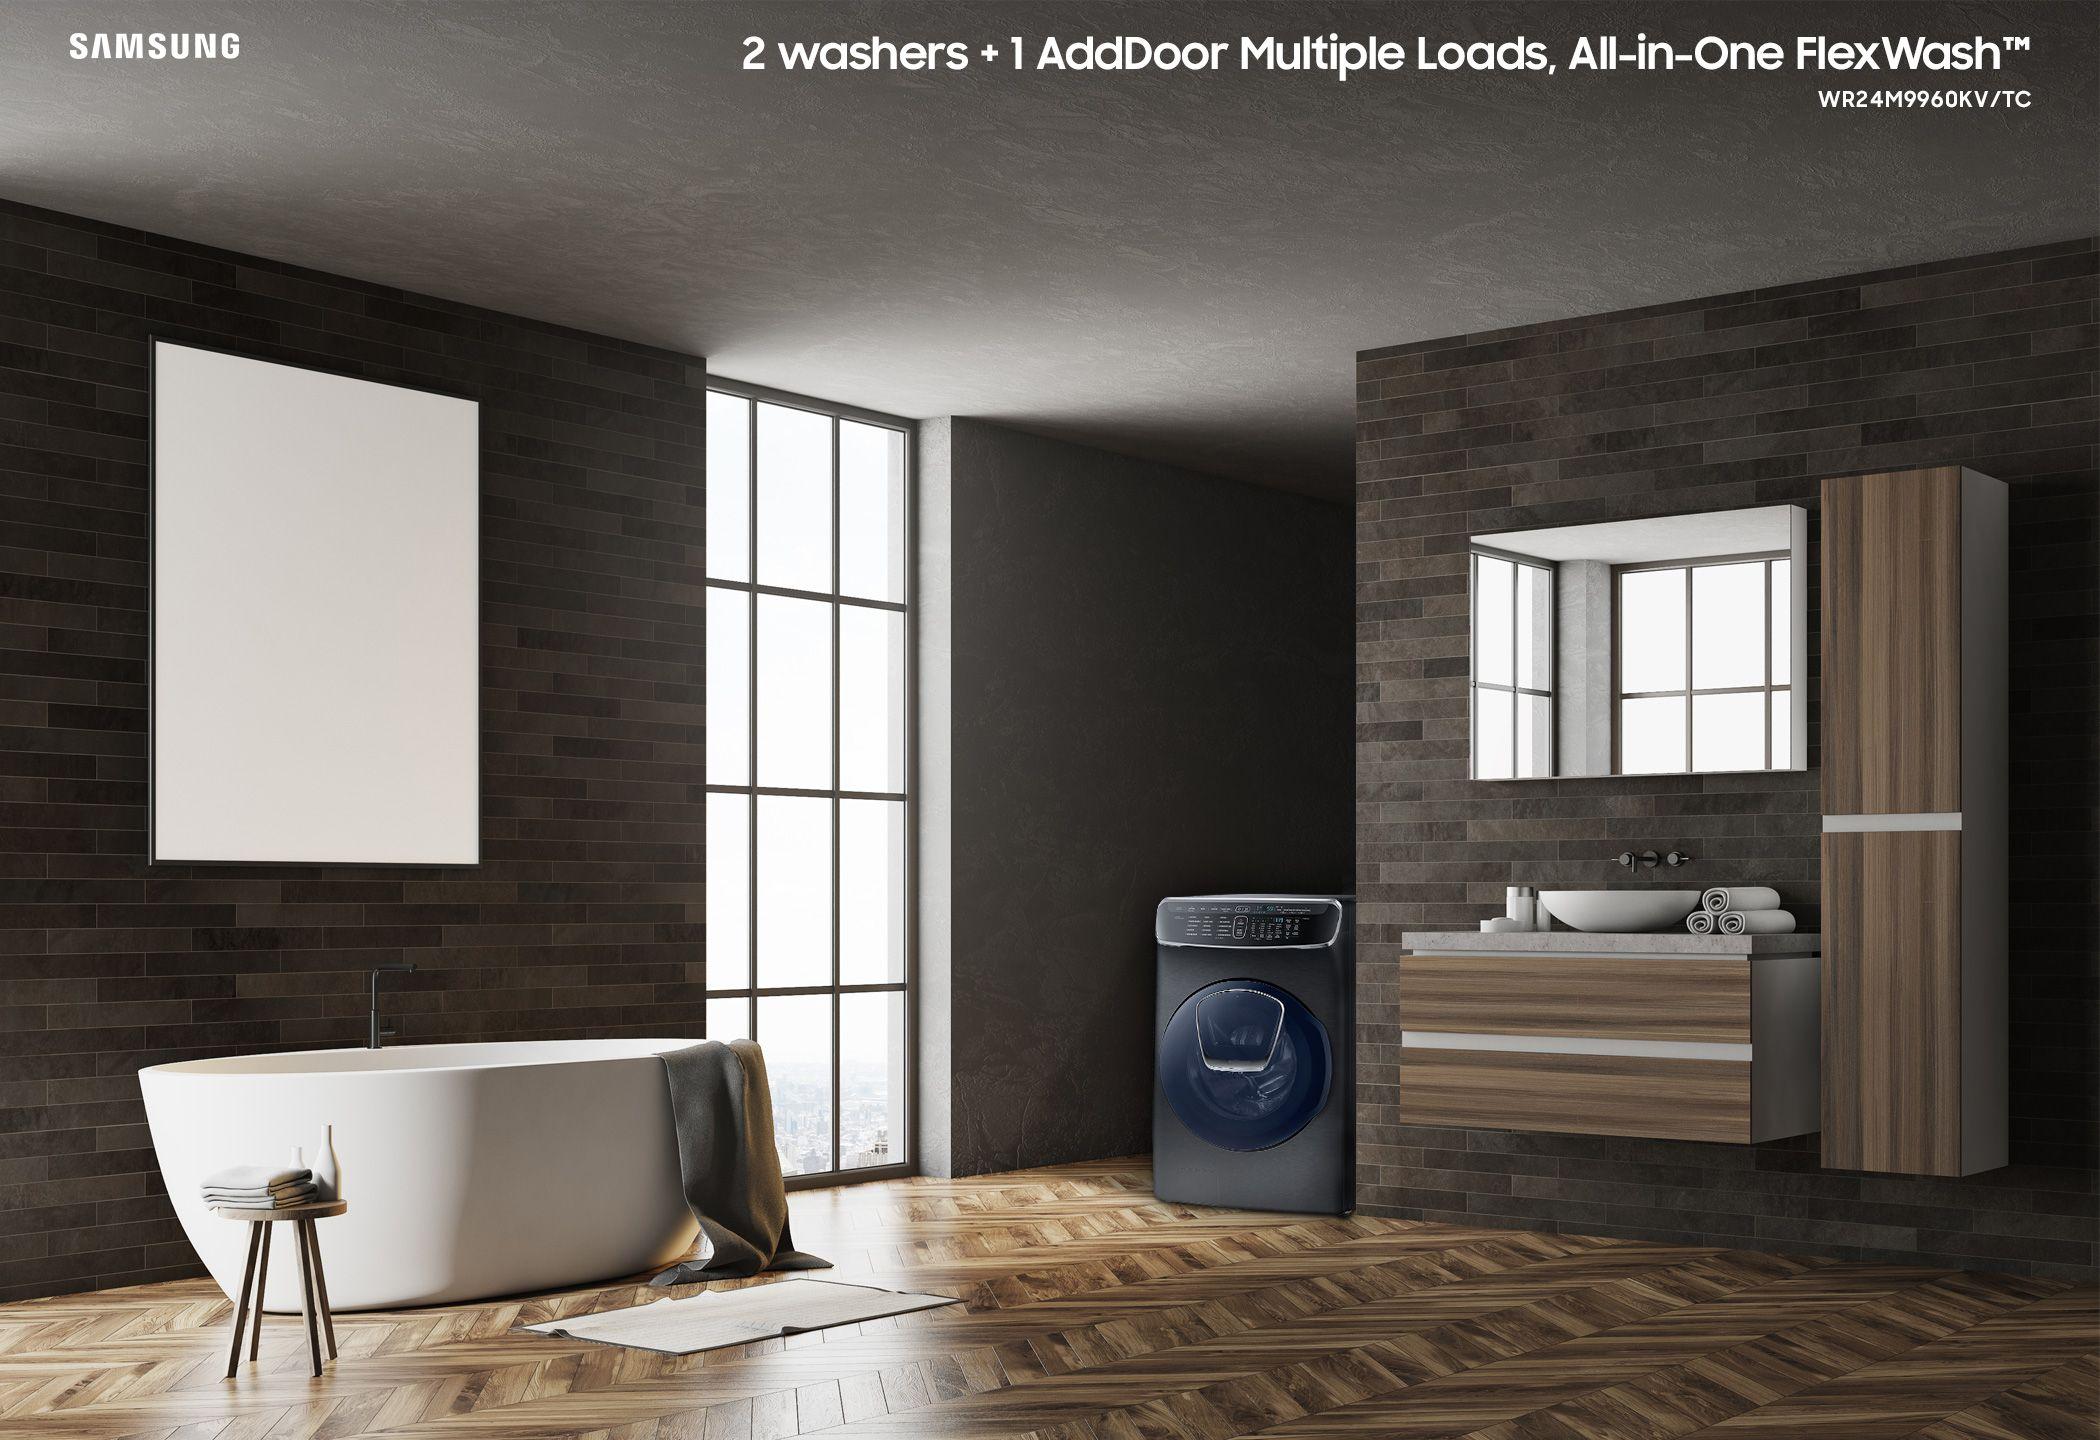 kitchenaid washer and dryer combo